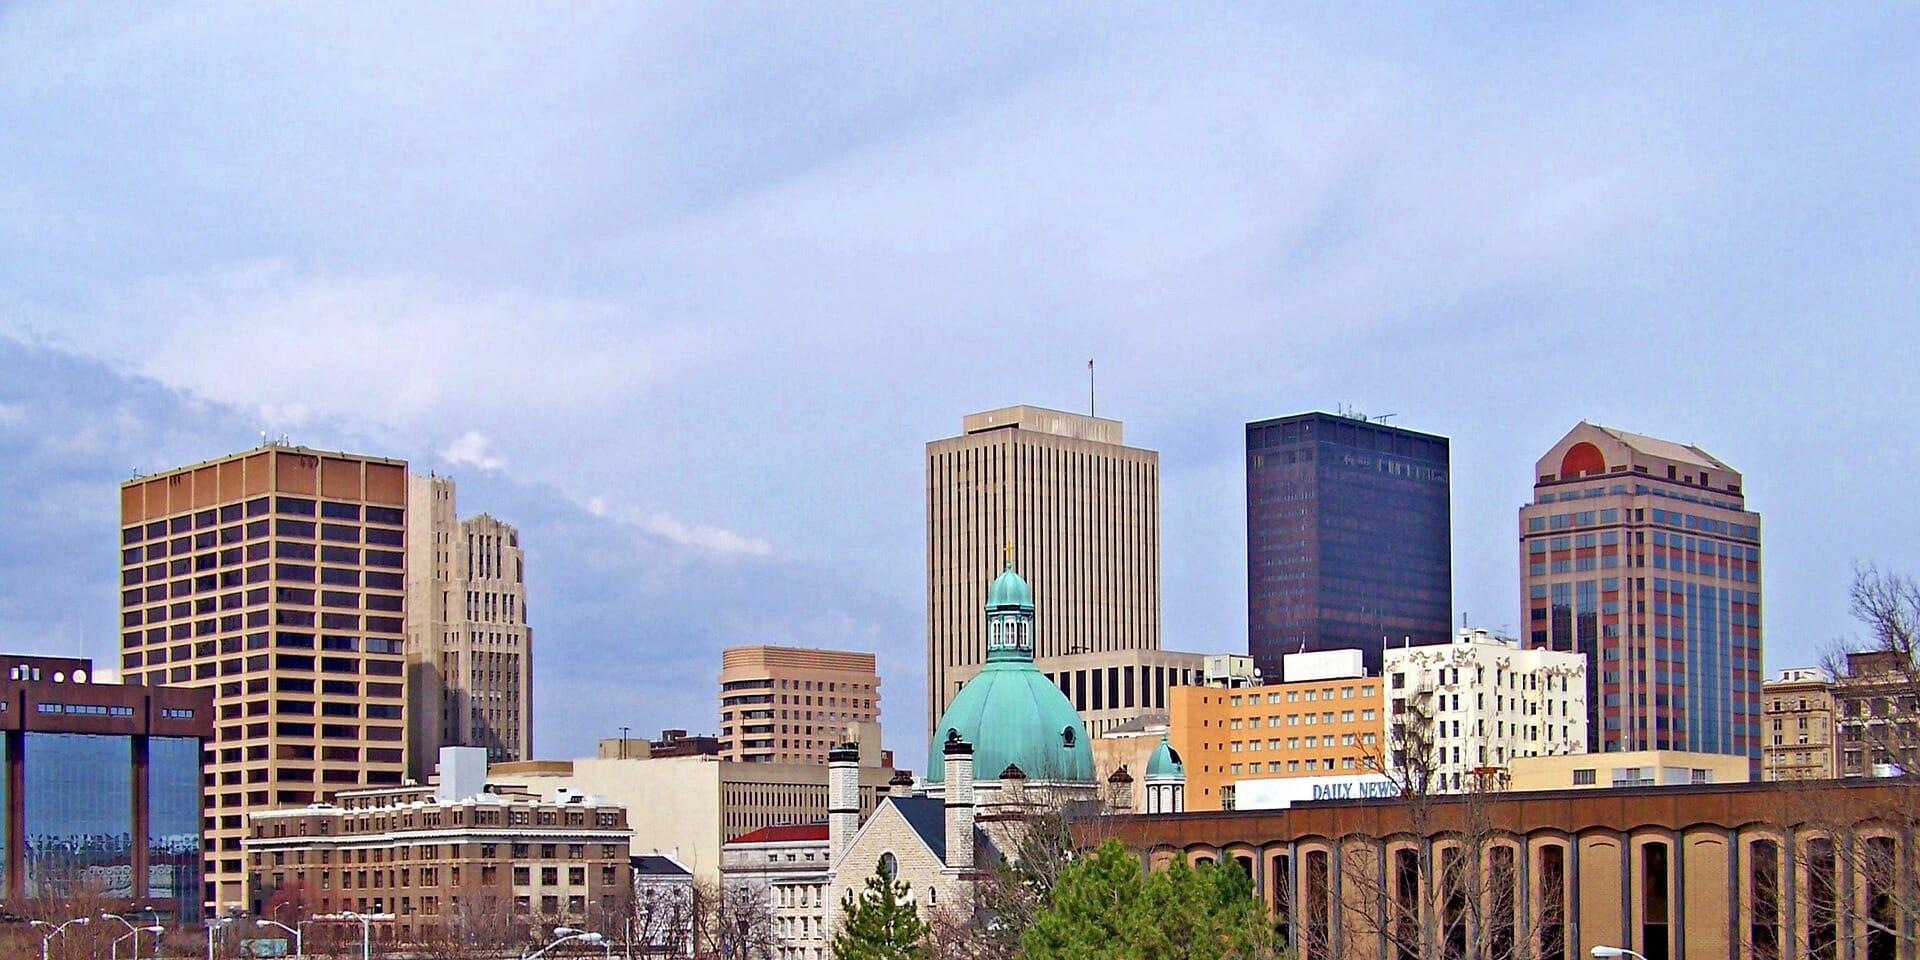 Dayton Ohio Matrix Featured Image